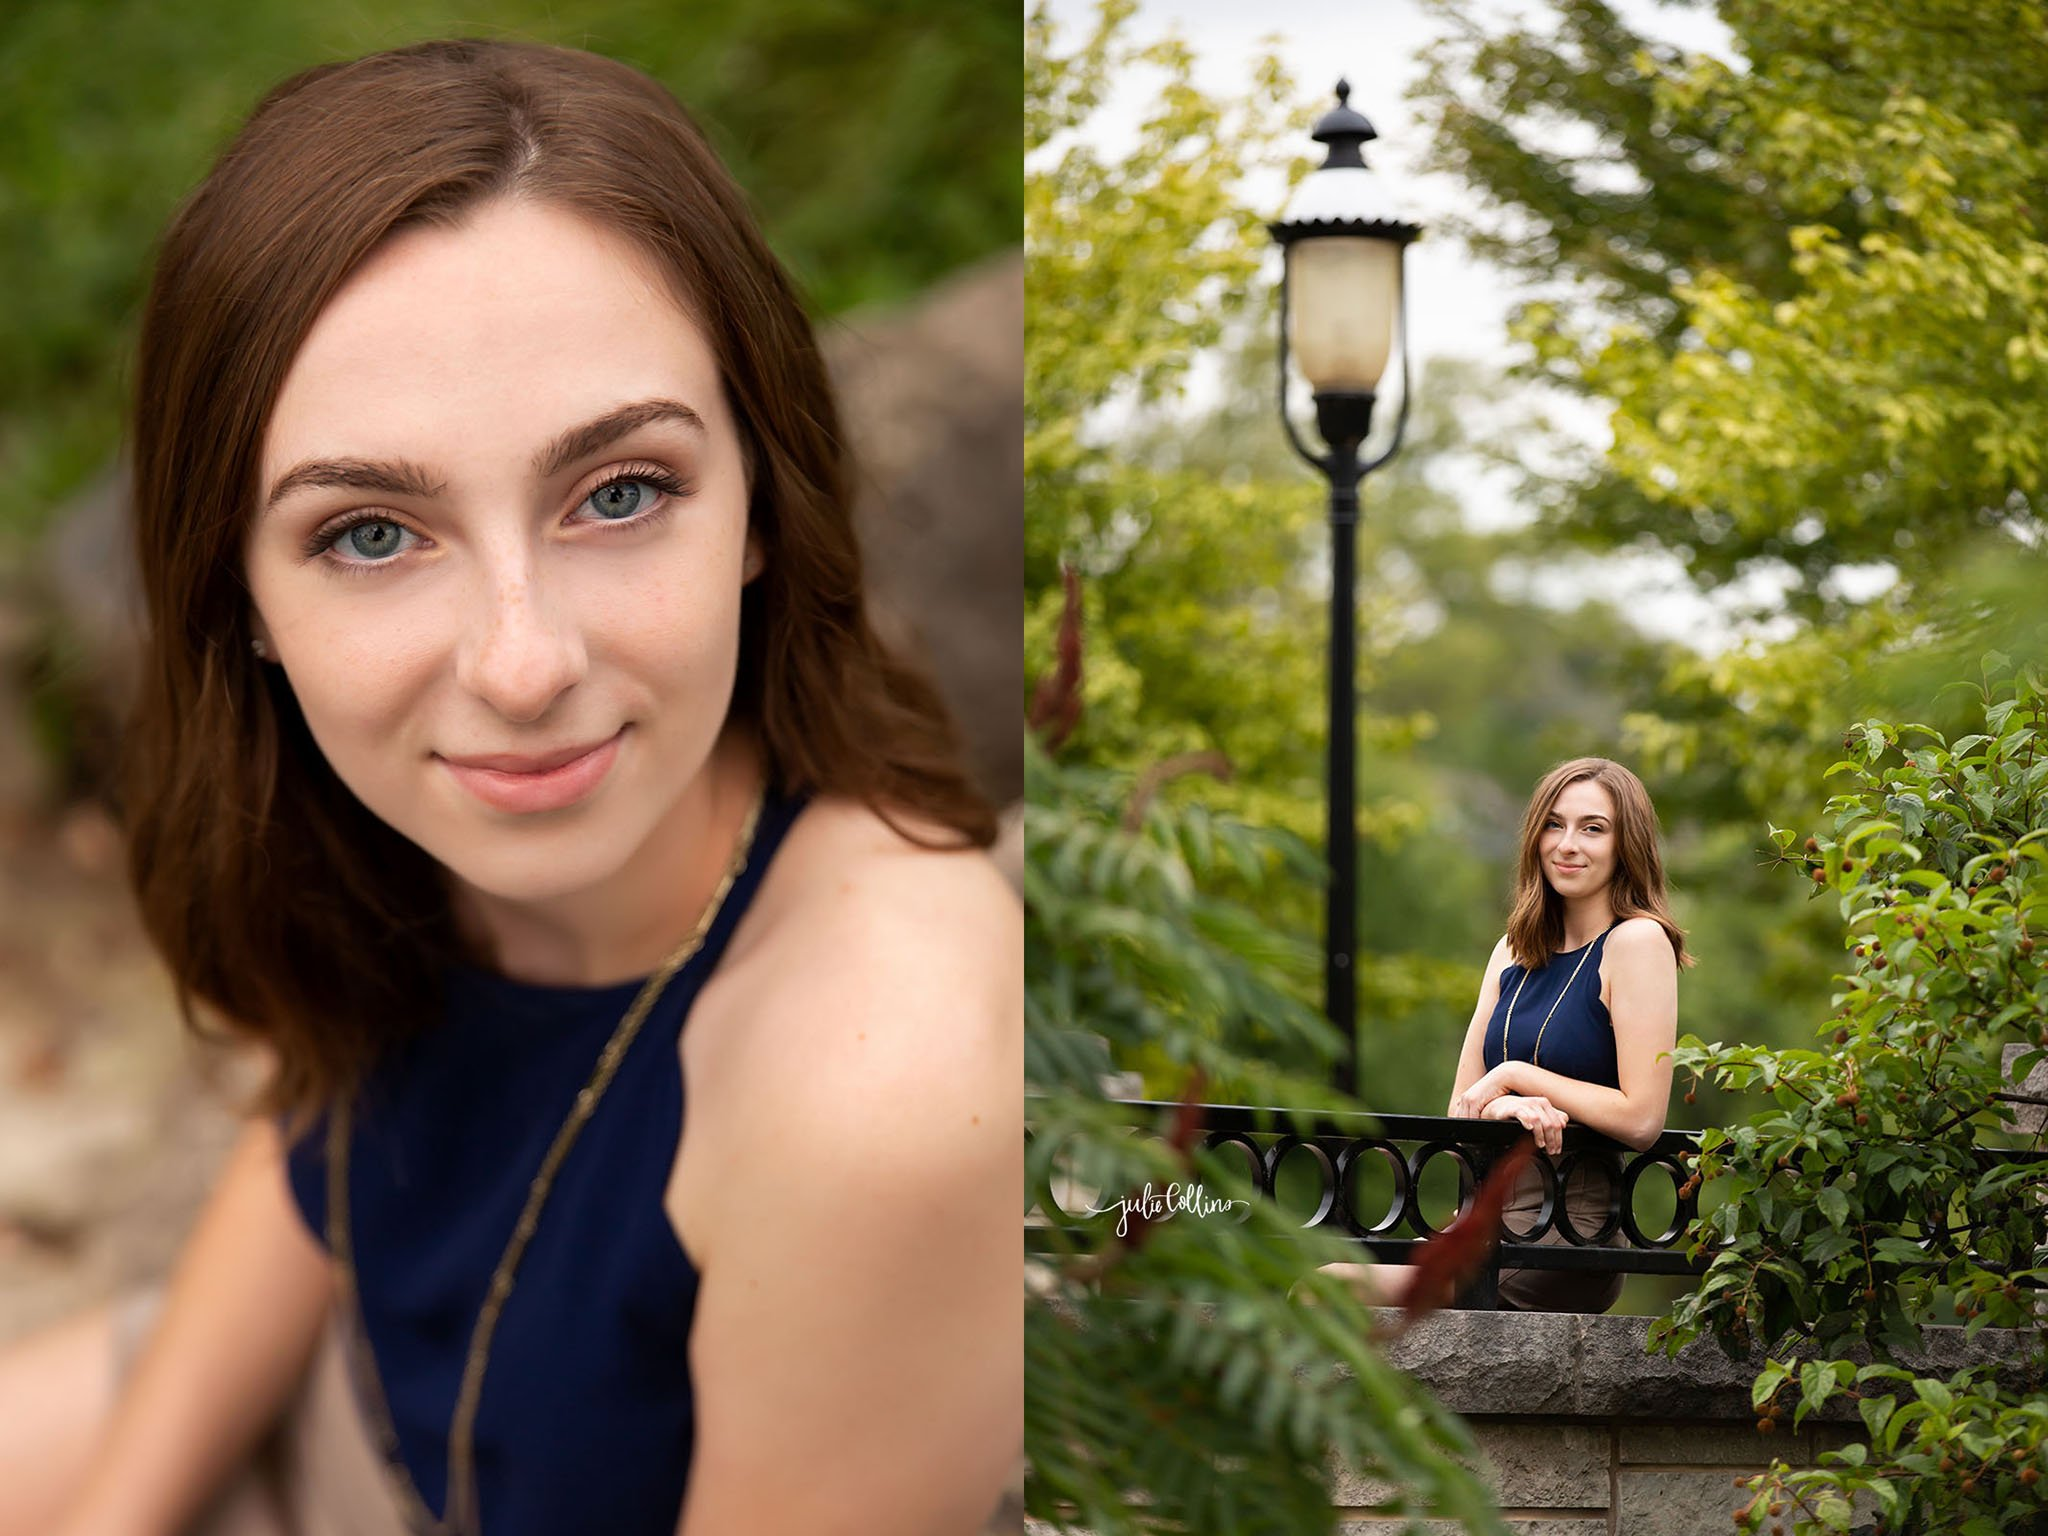 High school senior girl posing for camera in Frame Park in Waukesha, Wisconsin